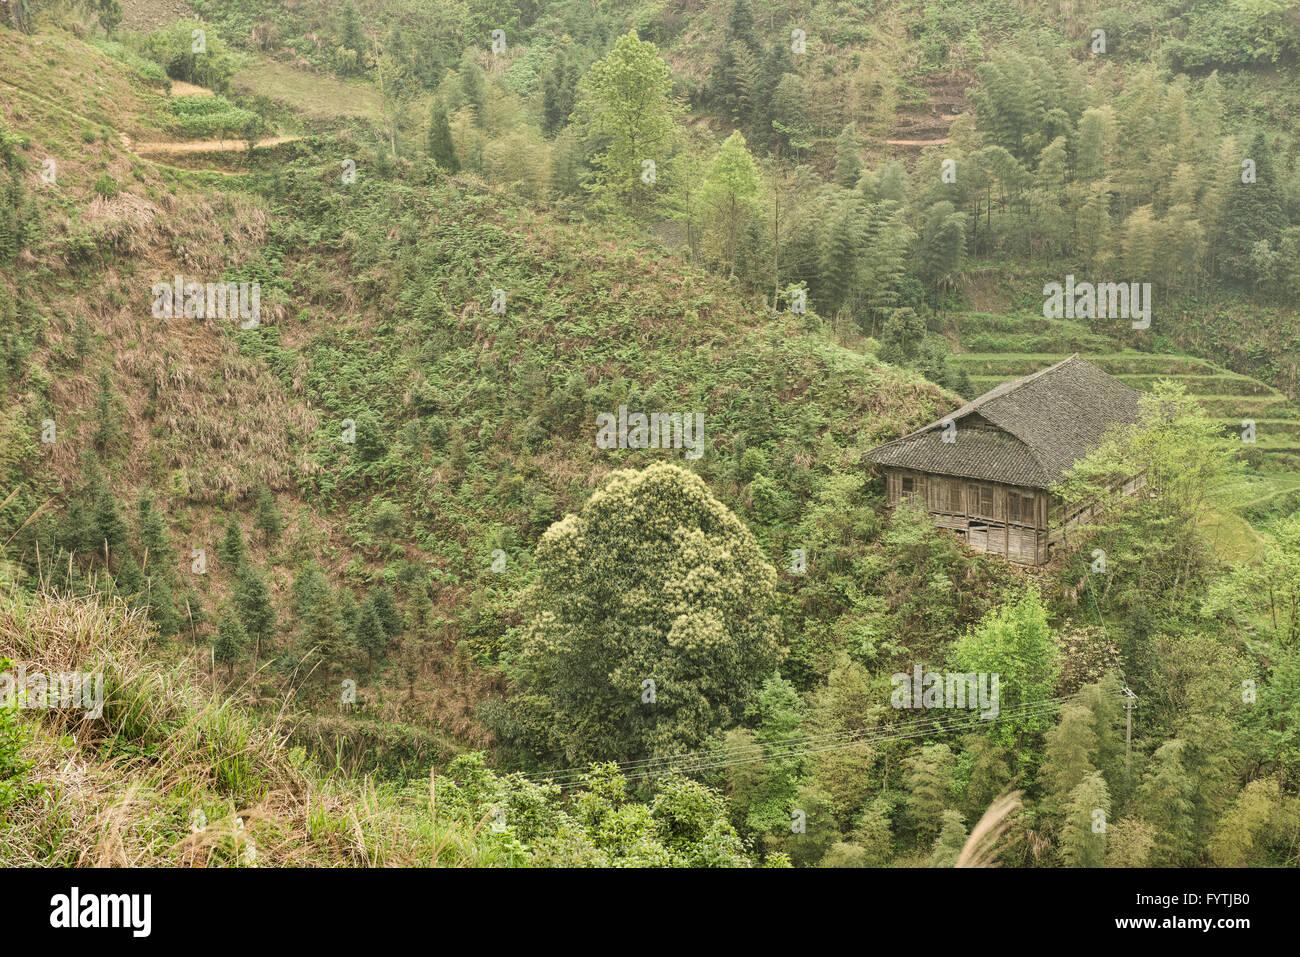 Maison traditionnelle de la minorité Yao Ping'An, près de la région autonome du Guangxi, Chine Photo Stock